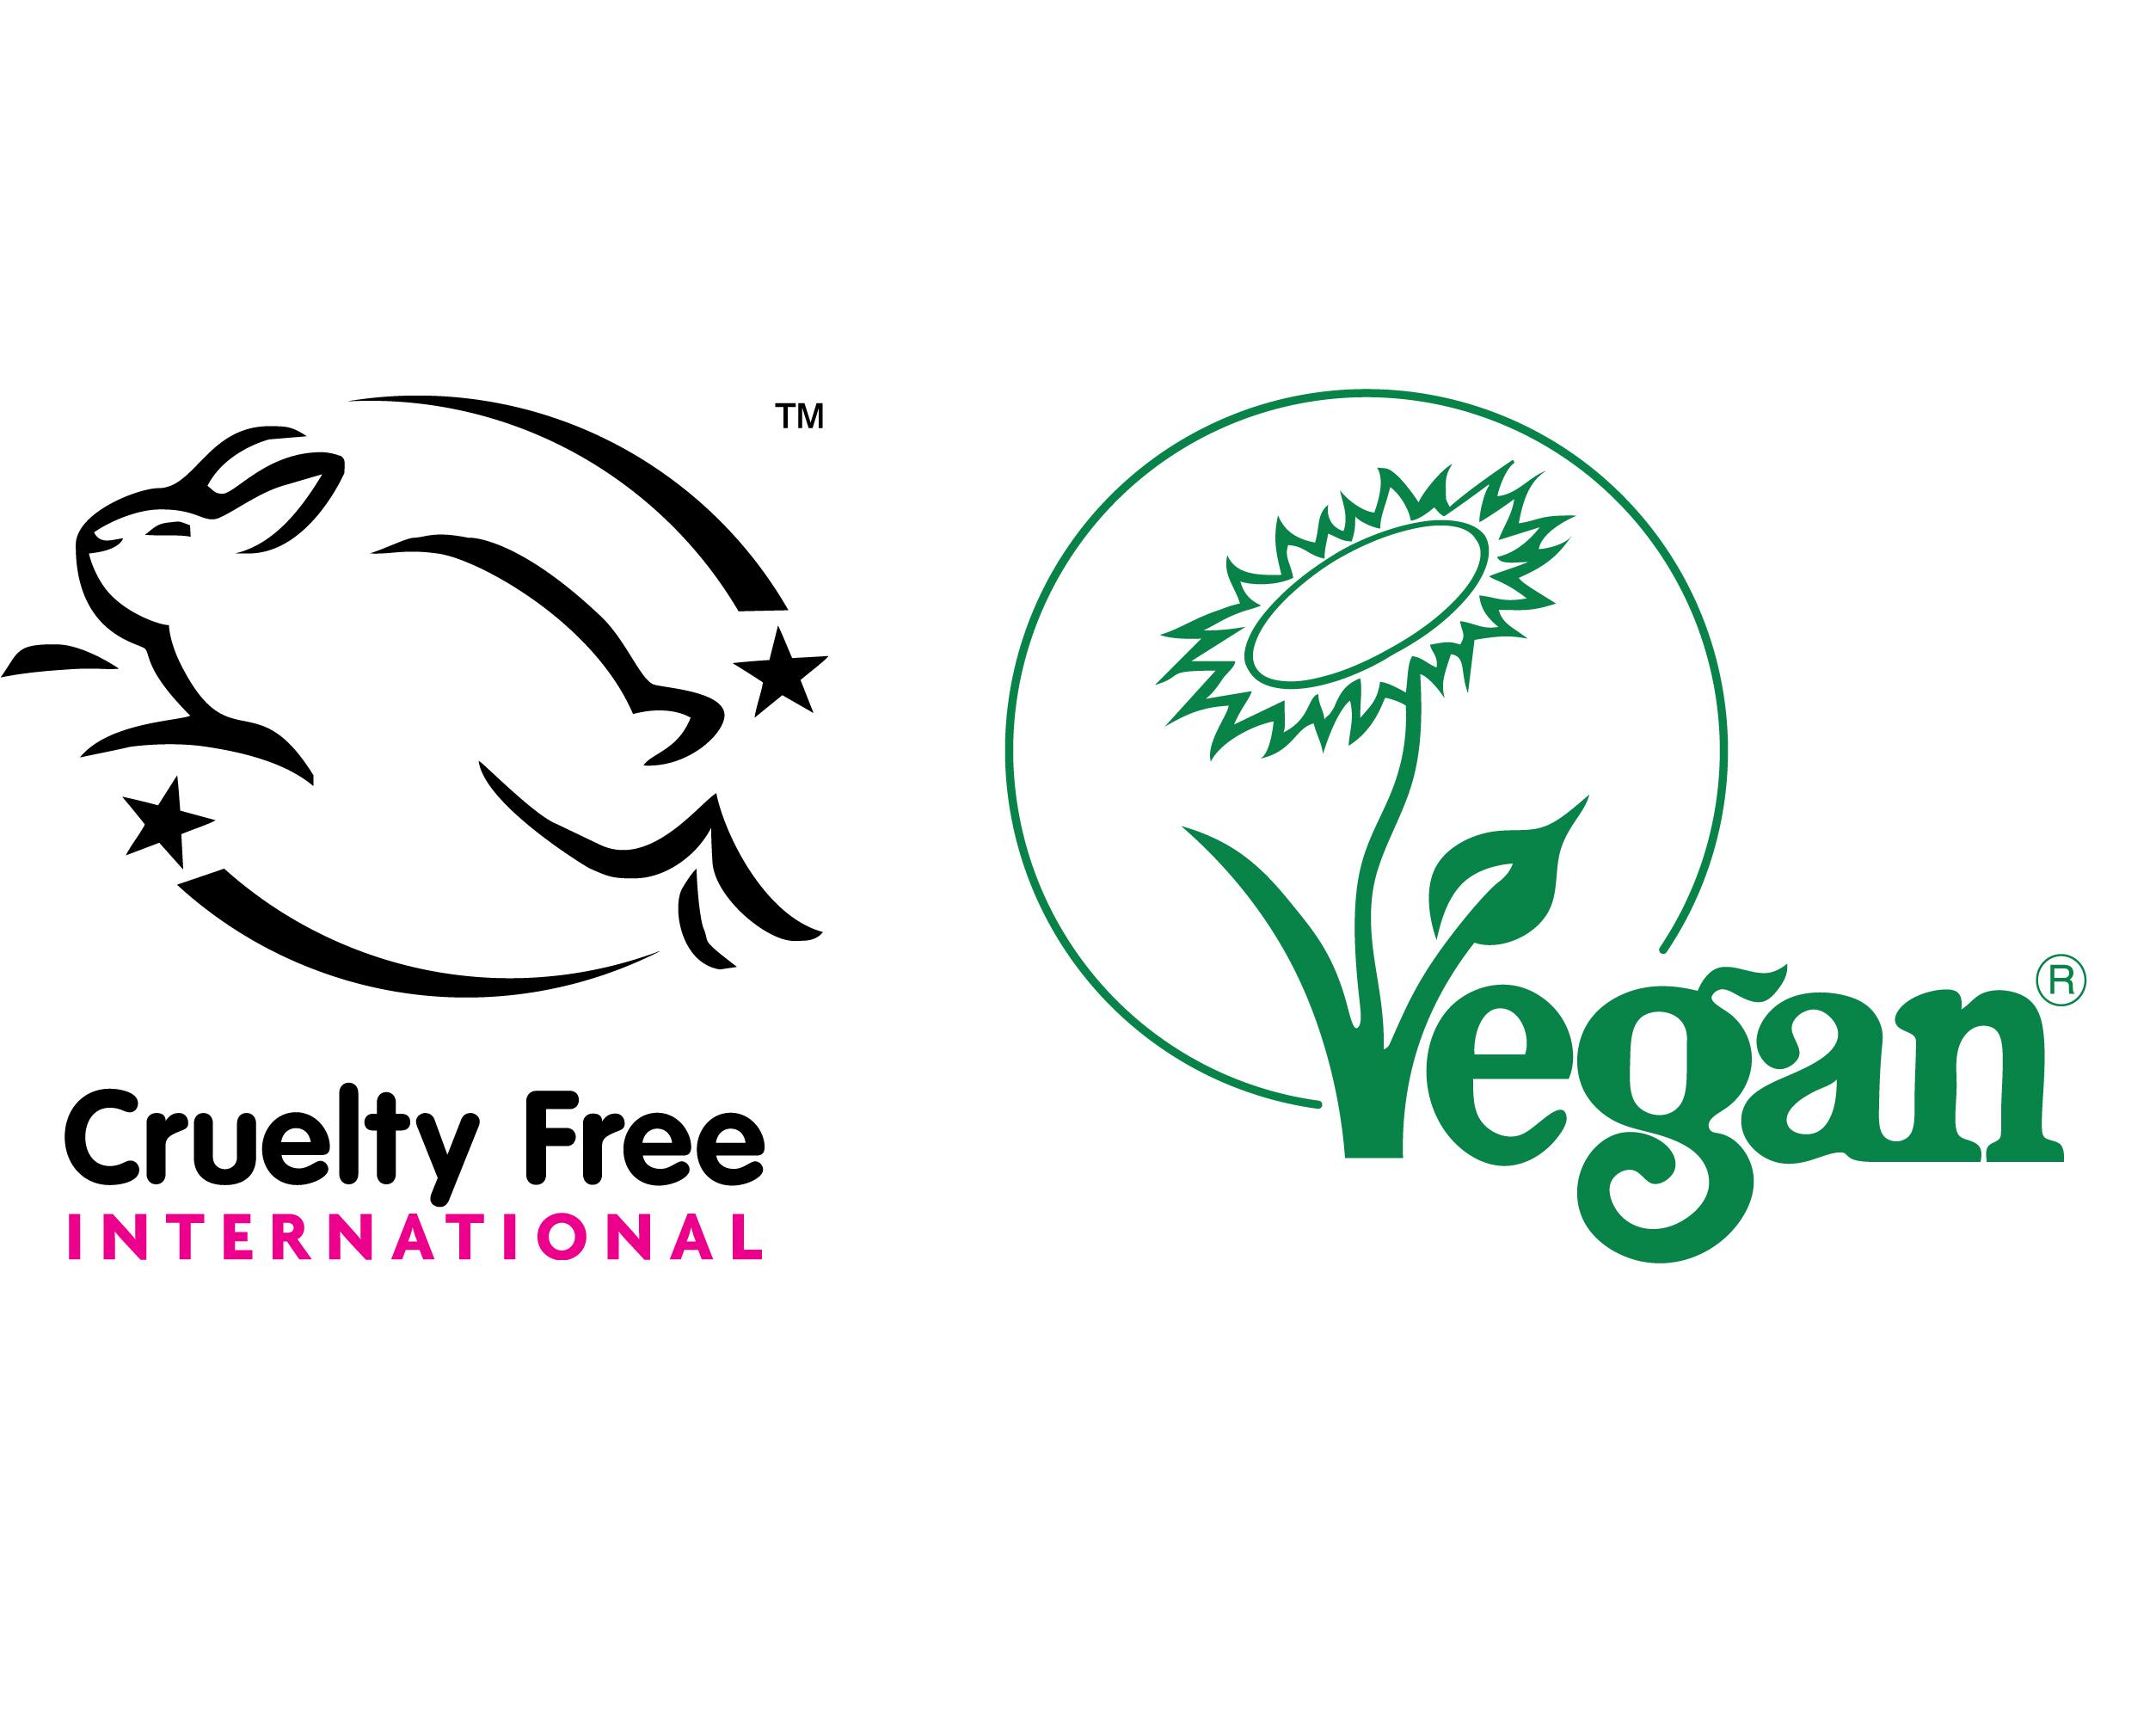 100 free international vegetarian dating